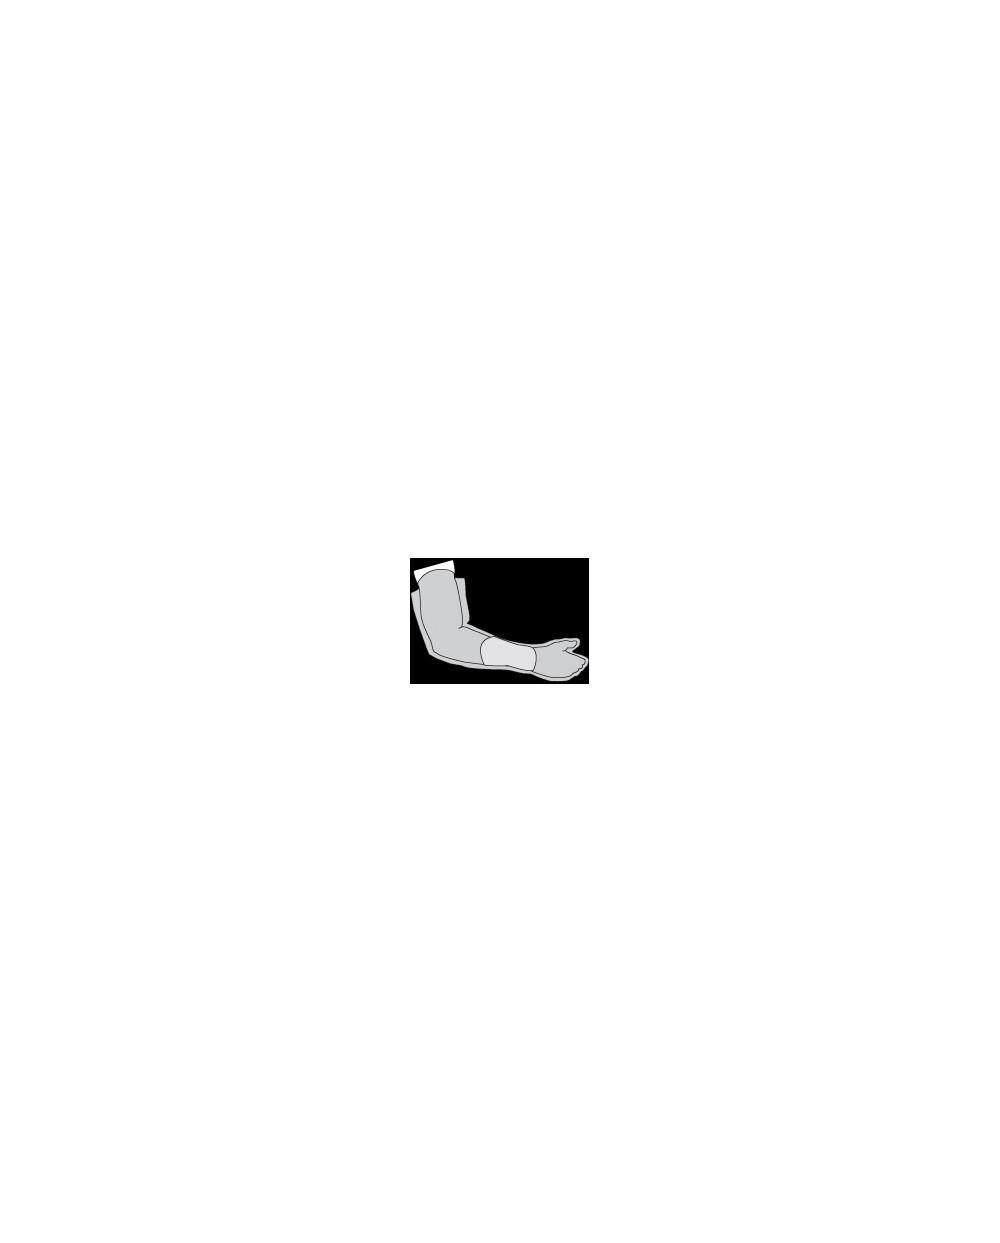 Housse étanche pour plâtre du bras, taille S.